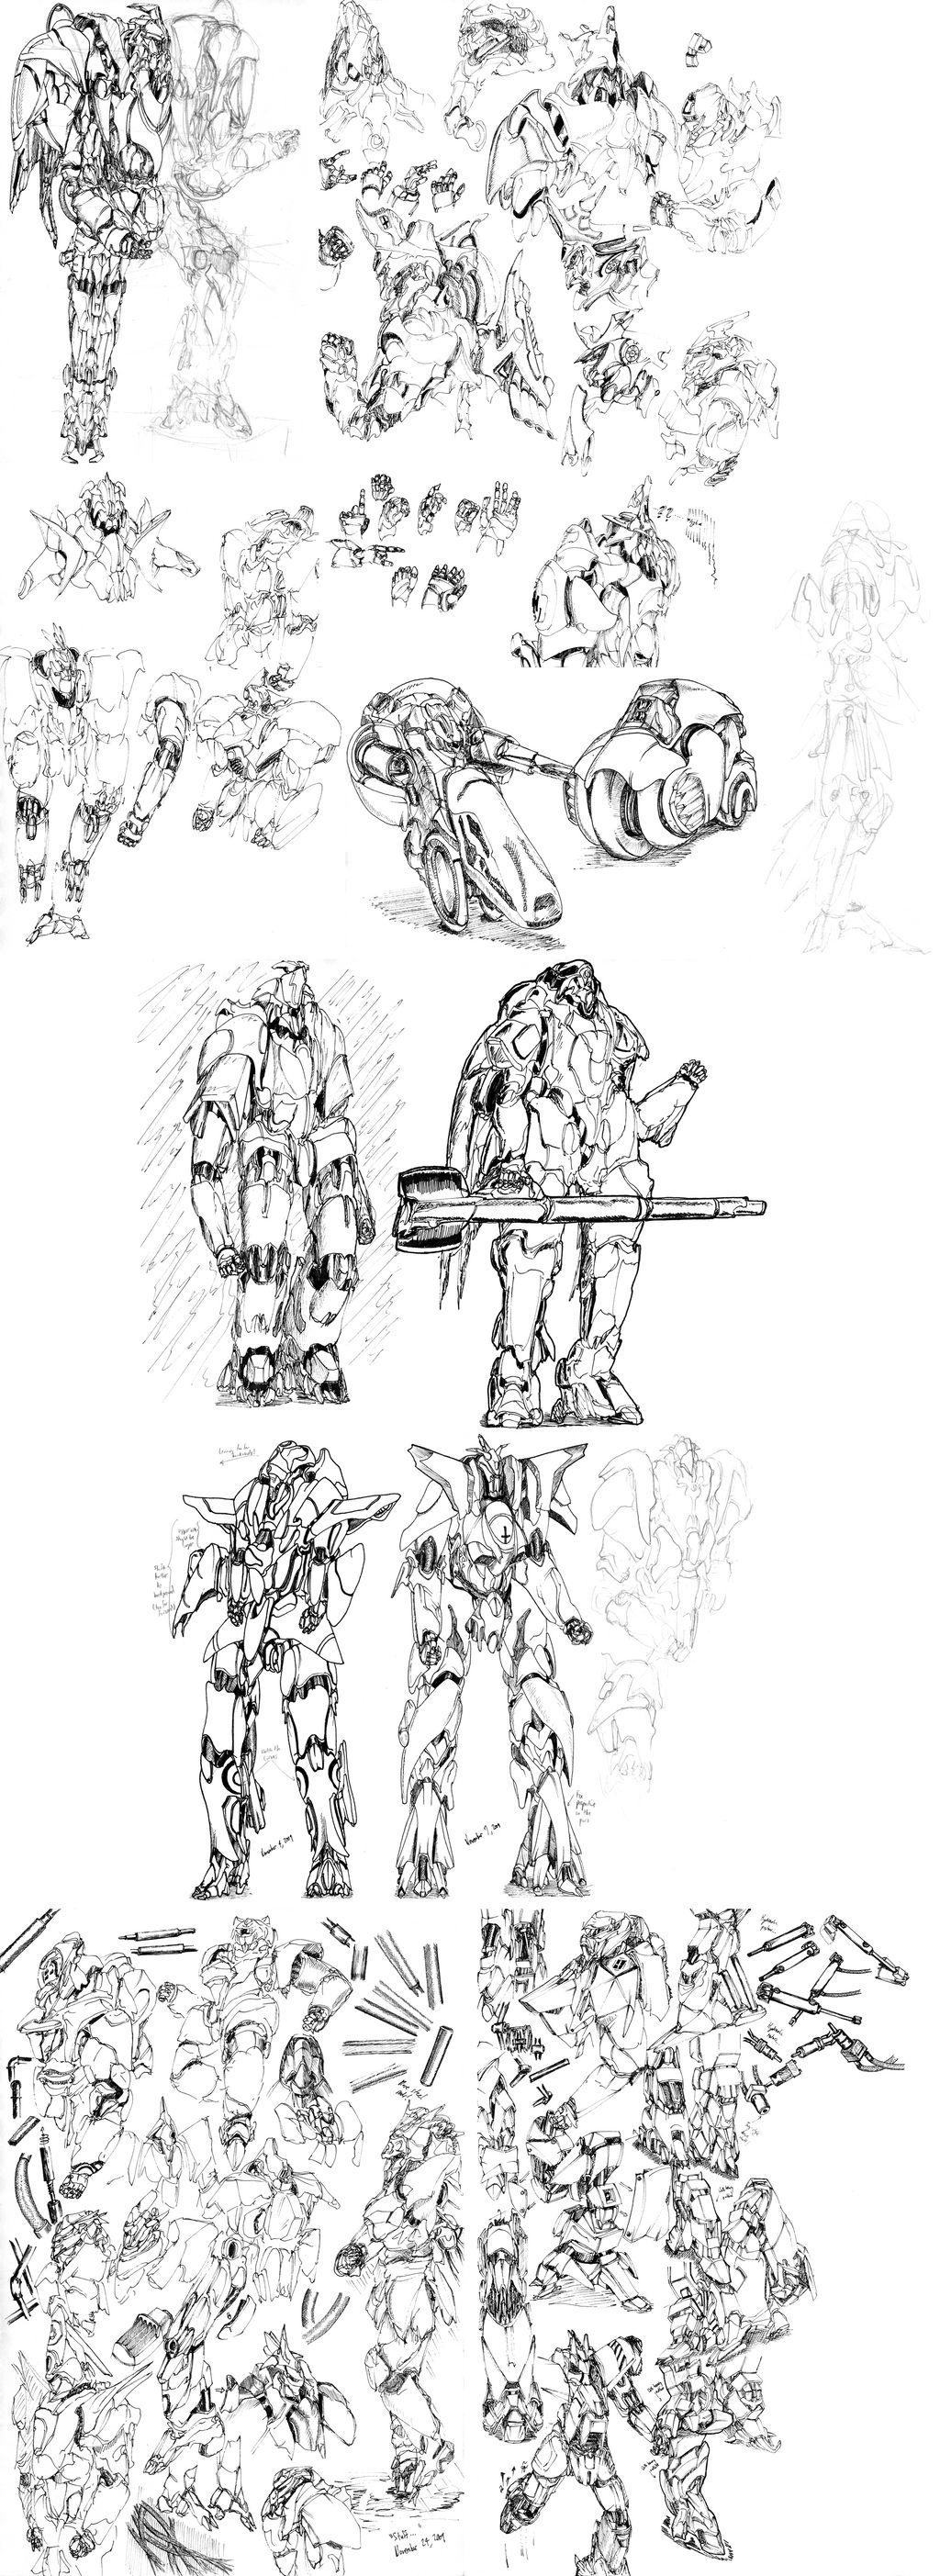 The Mecha Sketchbook - 25 by PlasmaFire3000